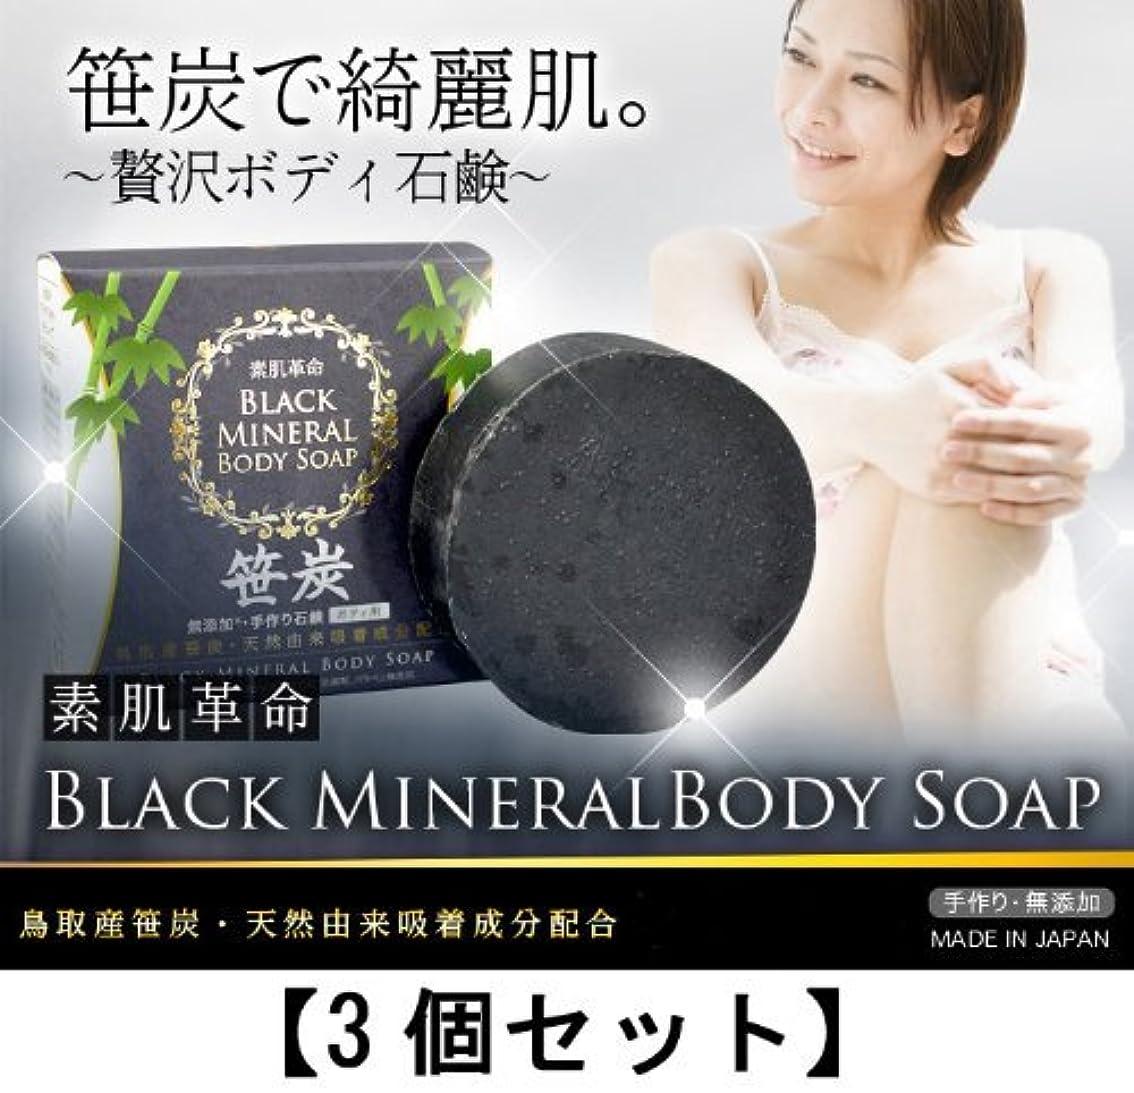 意図する提供する宮殿素肌革命ブラックミネラルボディソープ 3個セット(天然笹炭配合無添加石鹸)